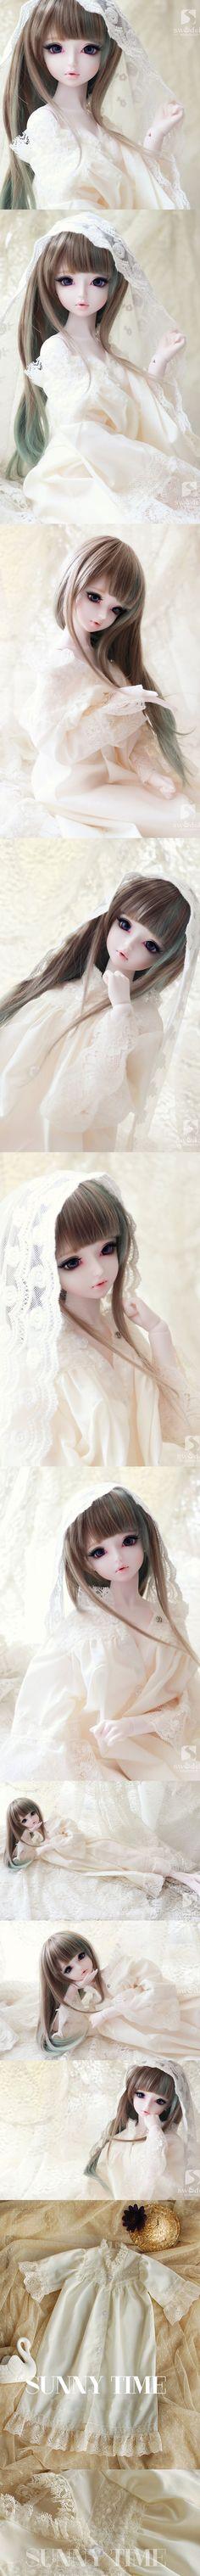 ドール服 SDサイズ人形用 パジャマ 白色